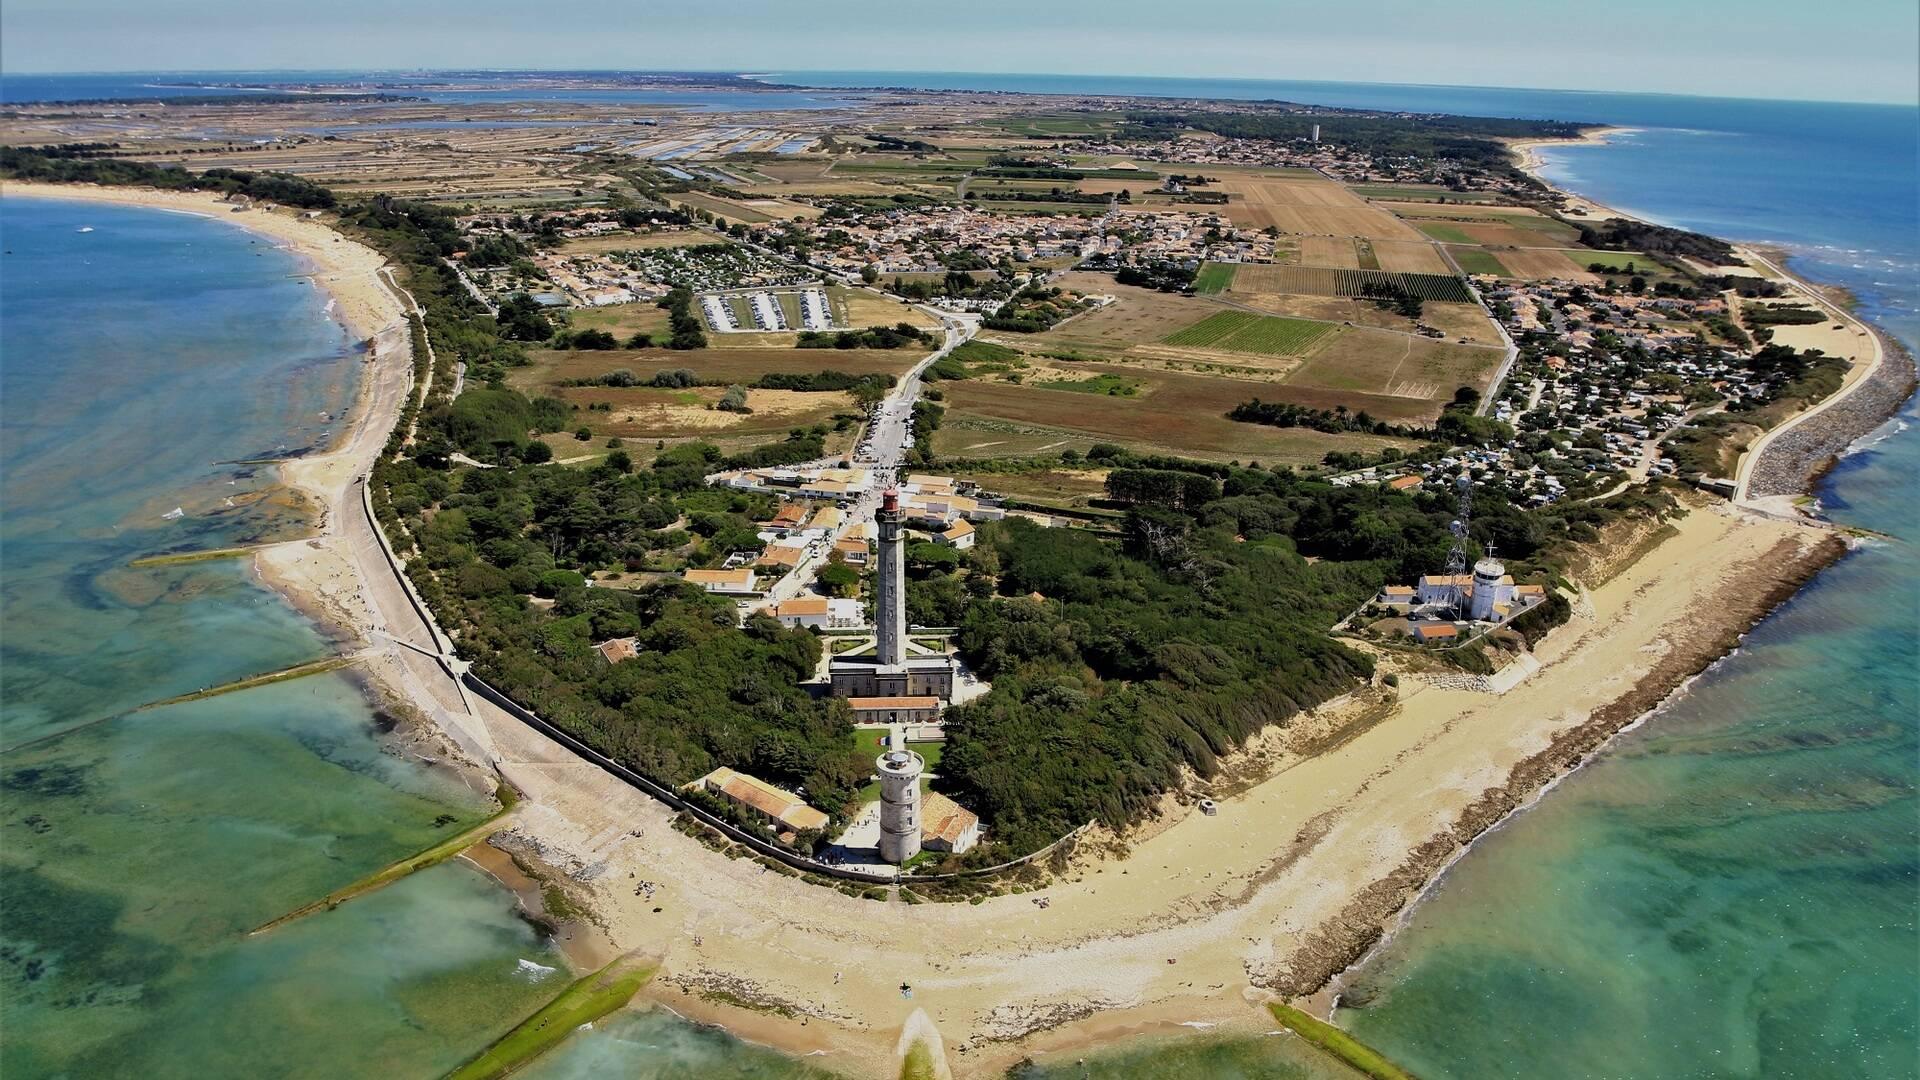 Vue aérienne de l'île de Ré - ©Philippe Laplace